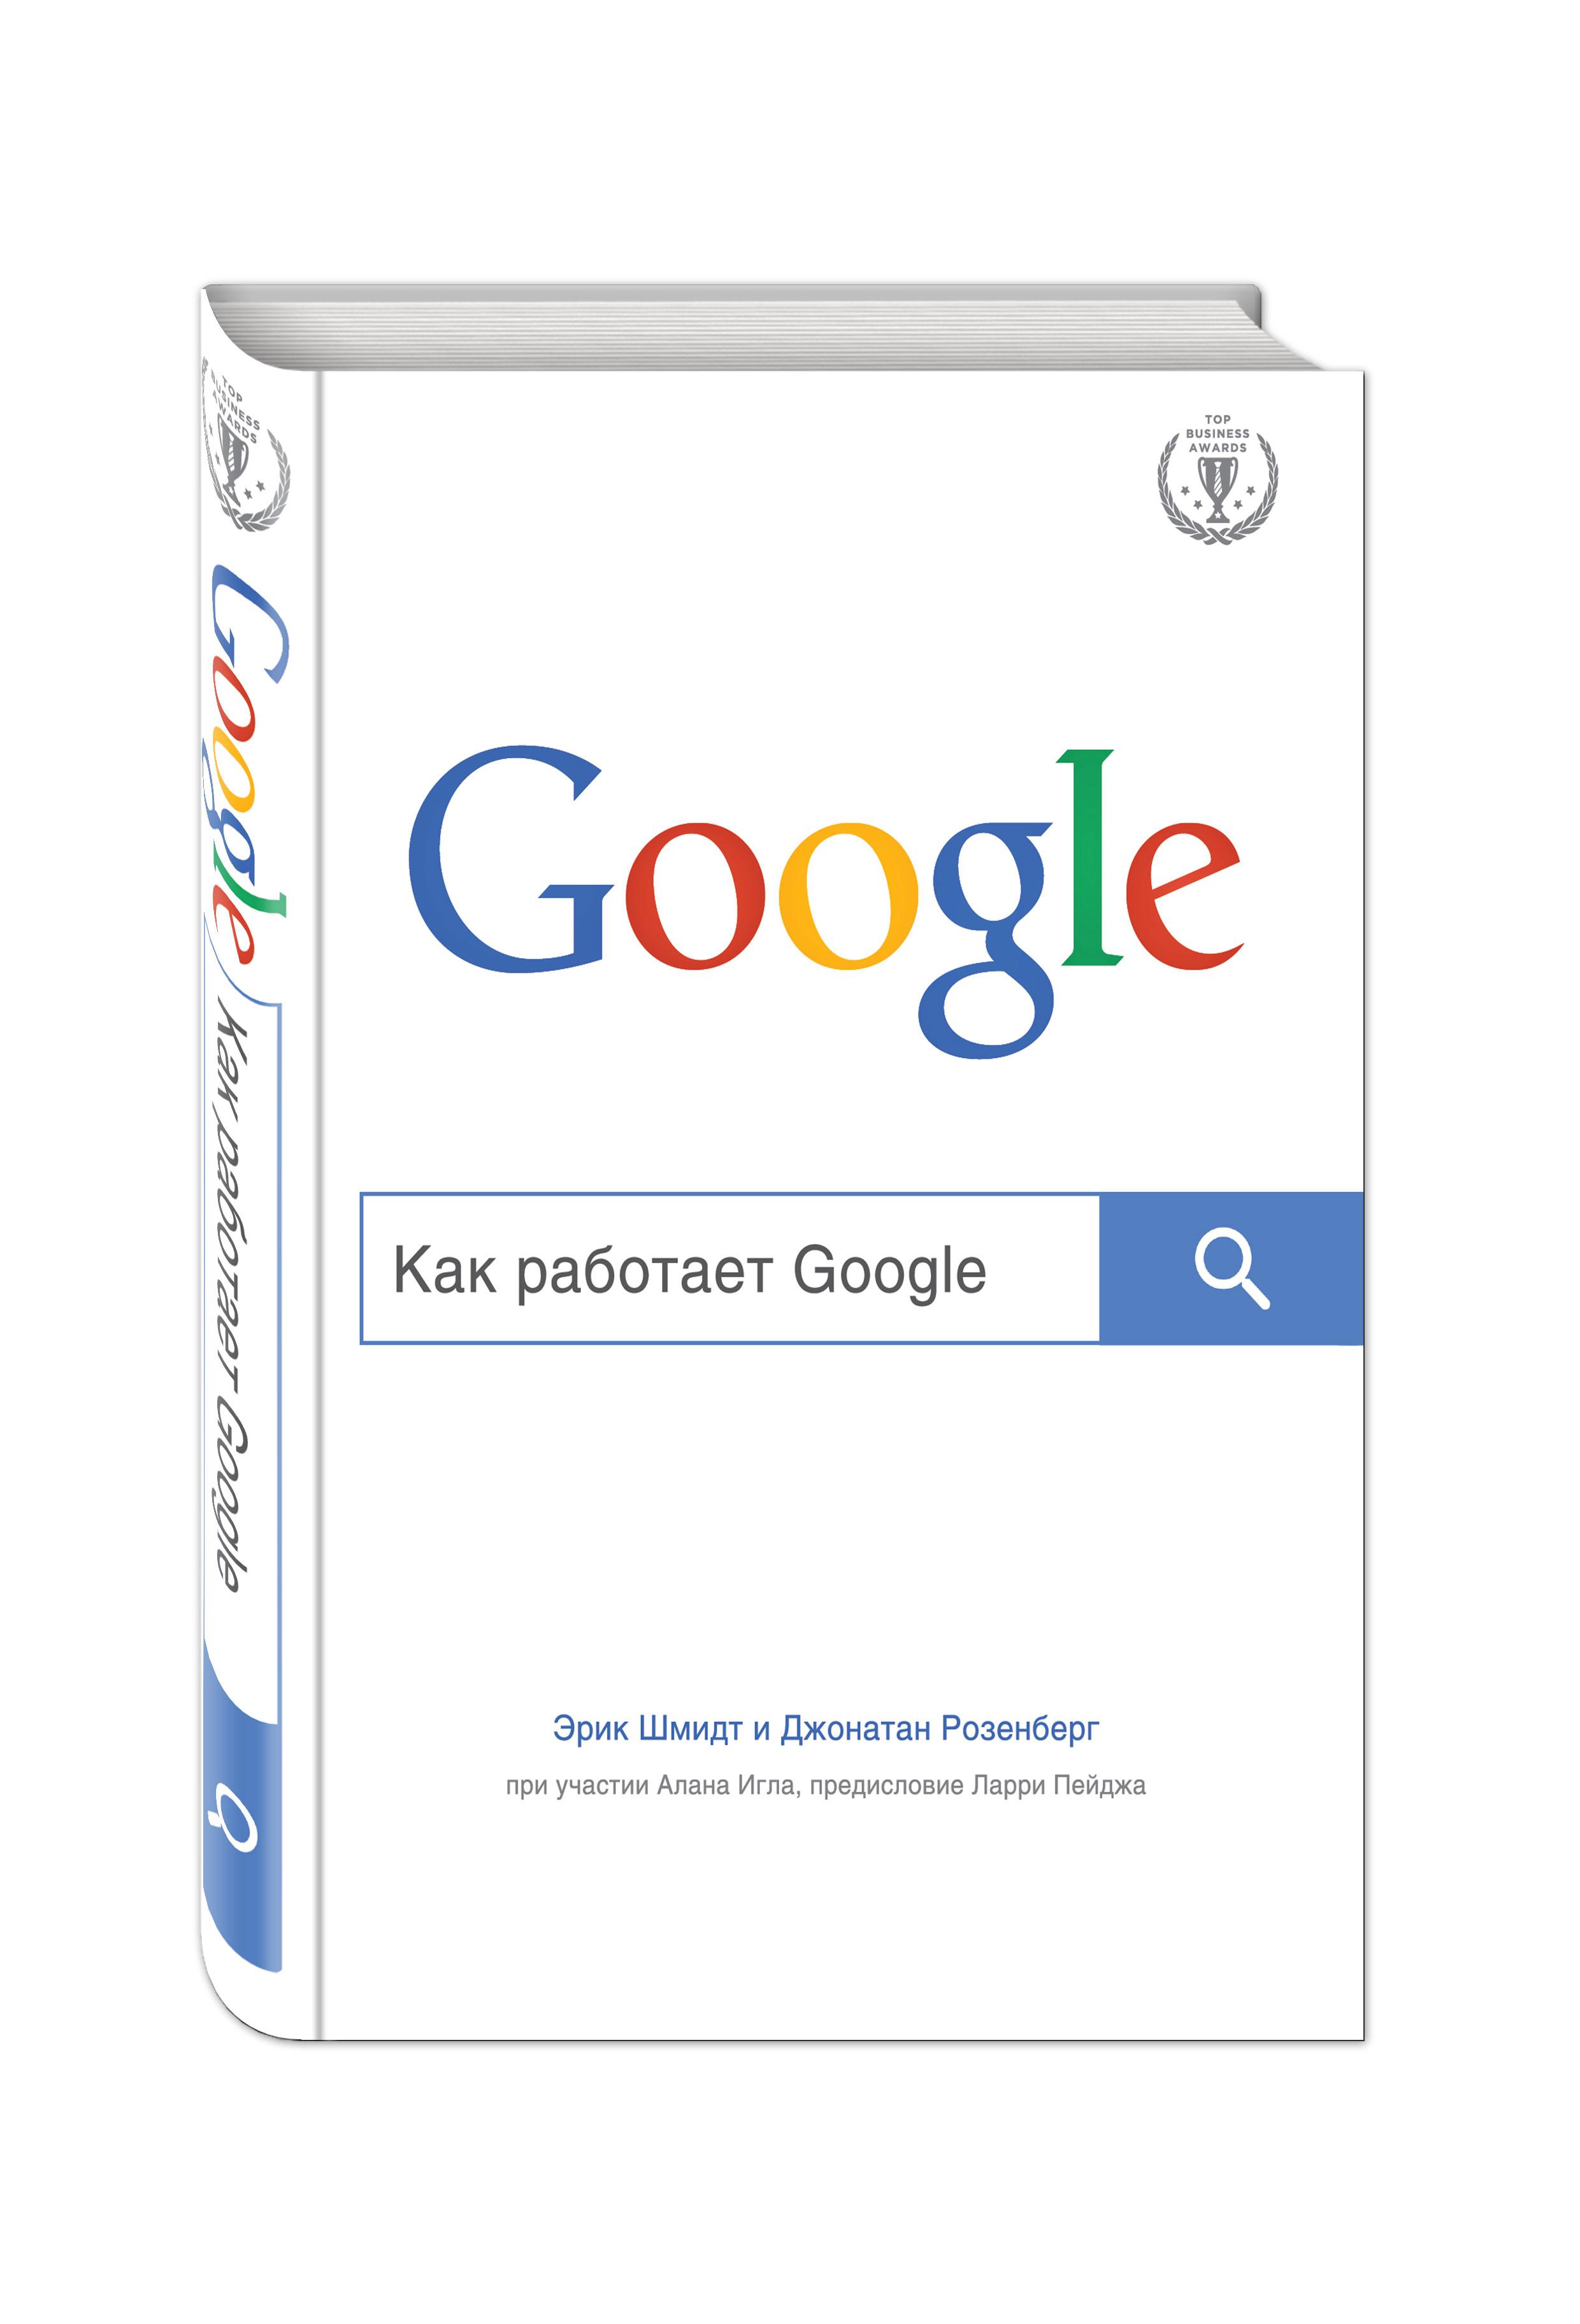 Эрик Шмидт и Джонатан Розенберг, Алан Игл Как работает Google ISBN: 978-5-699-79320-4